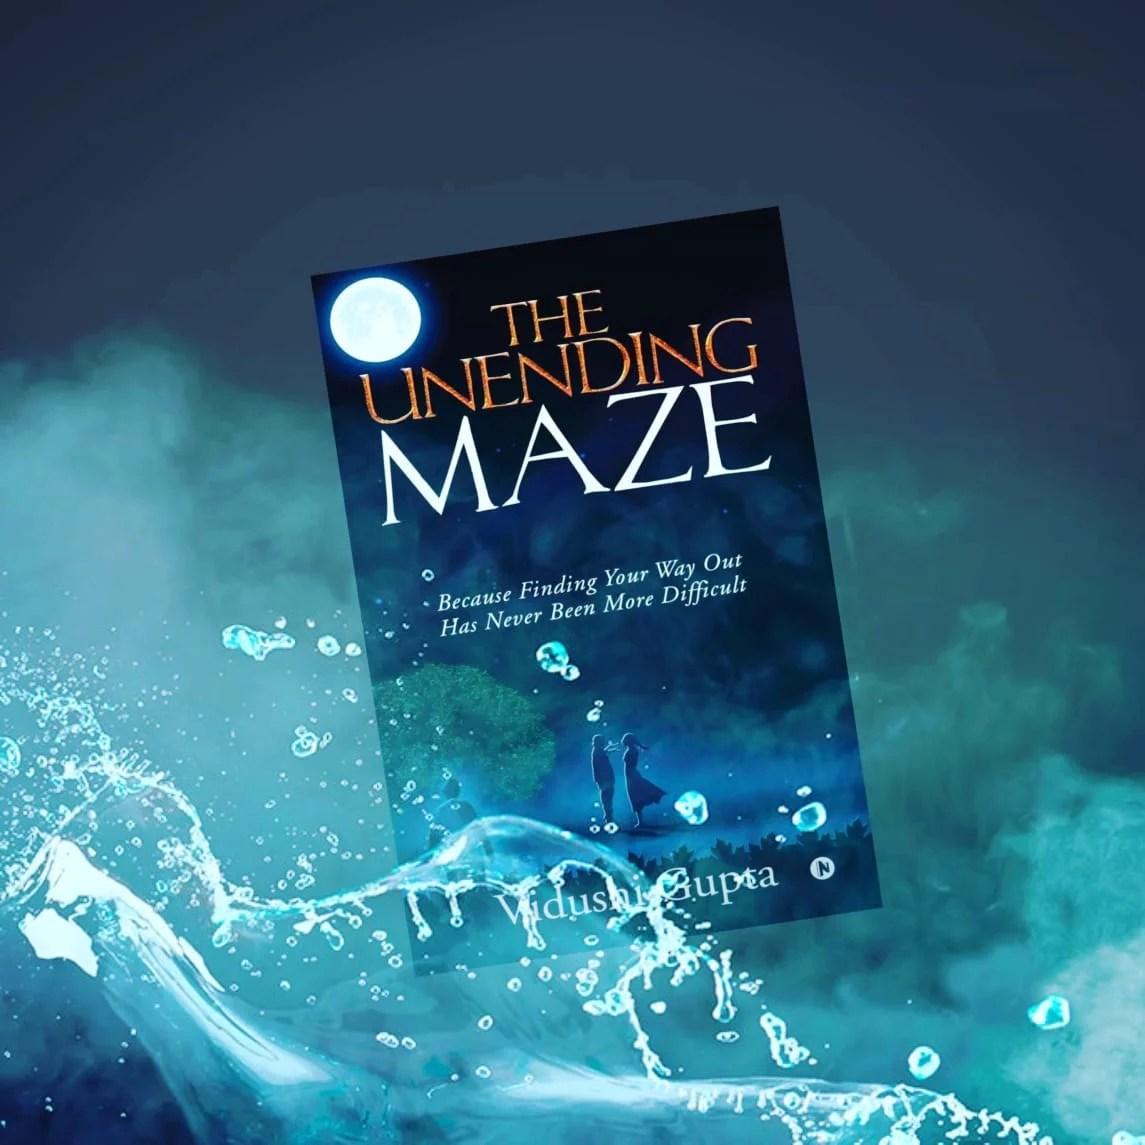 The Unending Maze